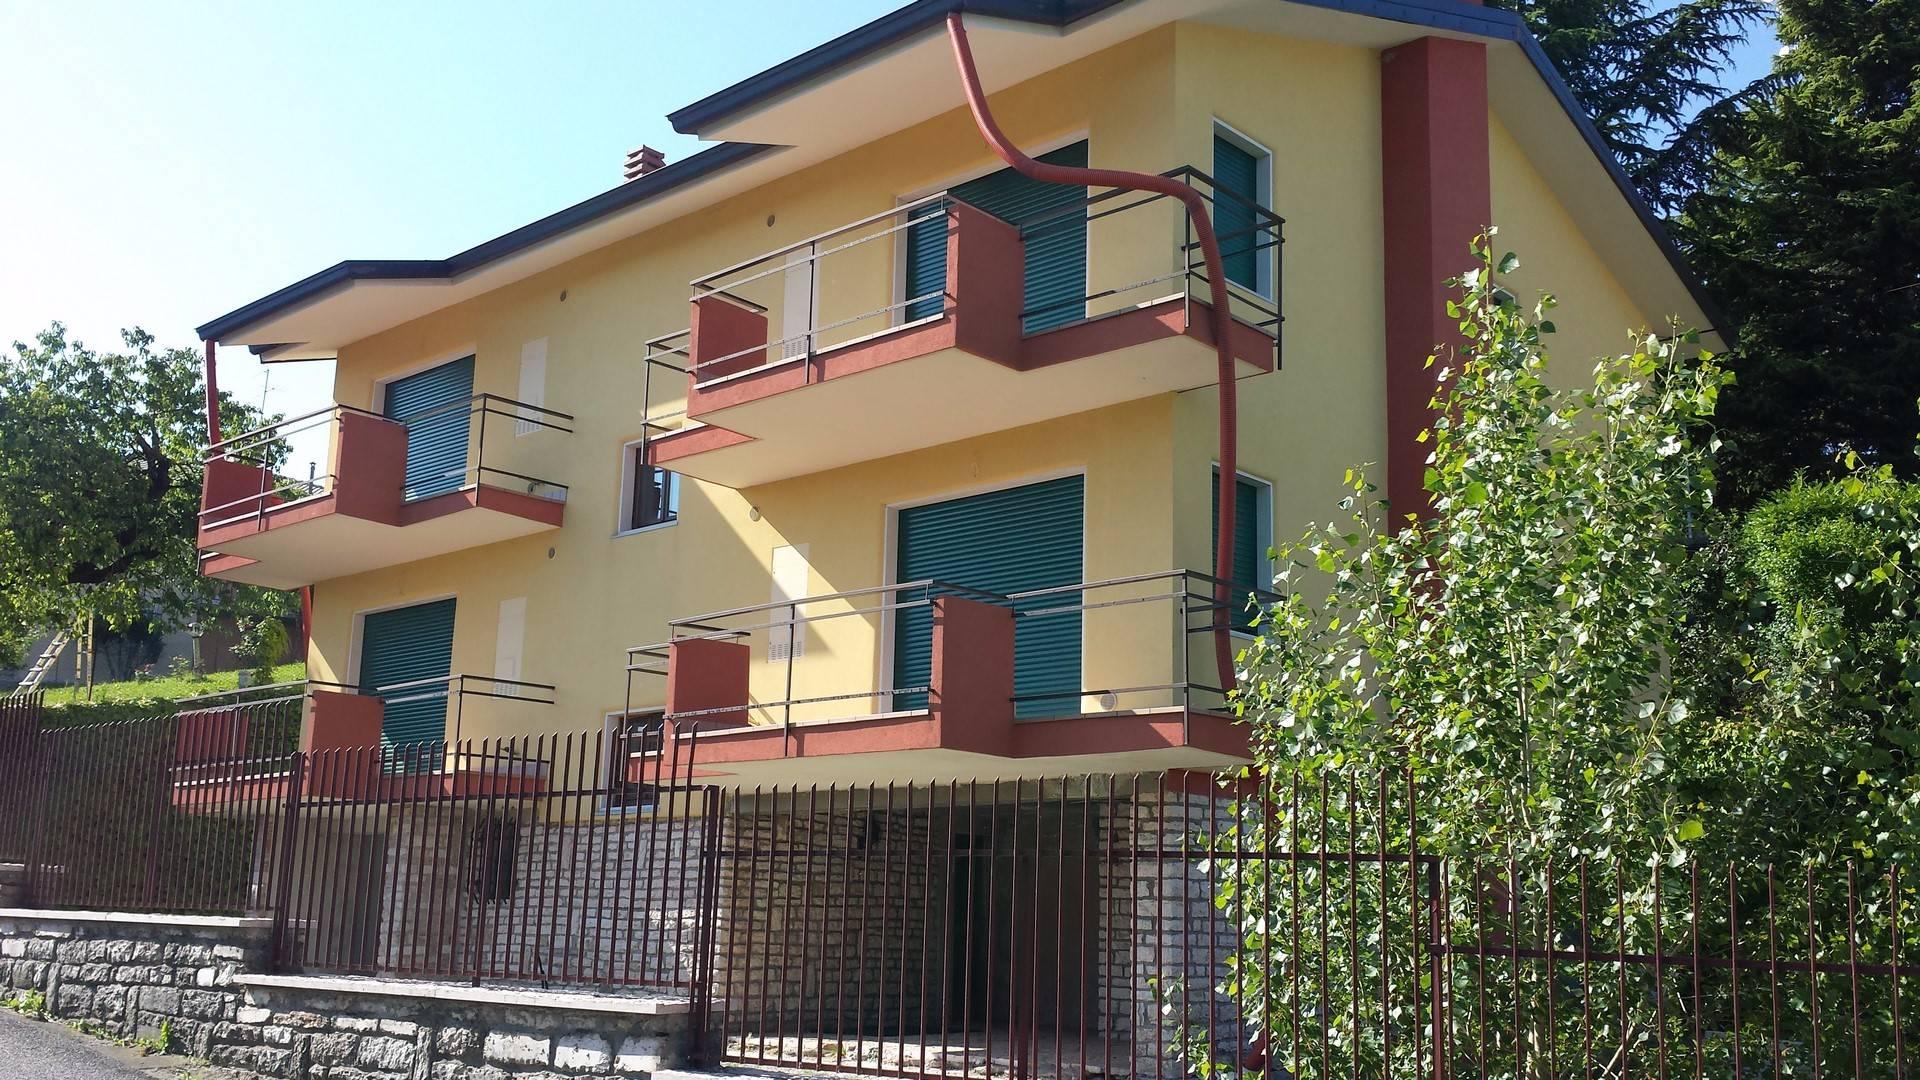 Appartamento in vendita a Cerro Veronese, 3 locali, prezzo € 140.000 | CambioCasa.it